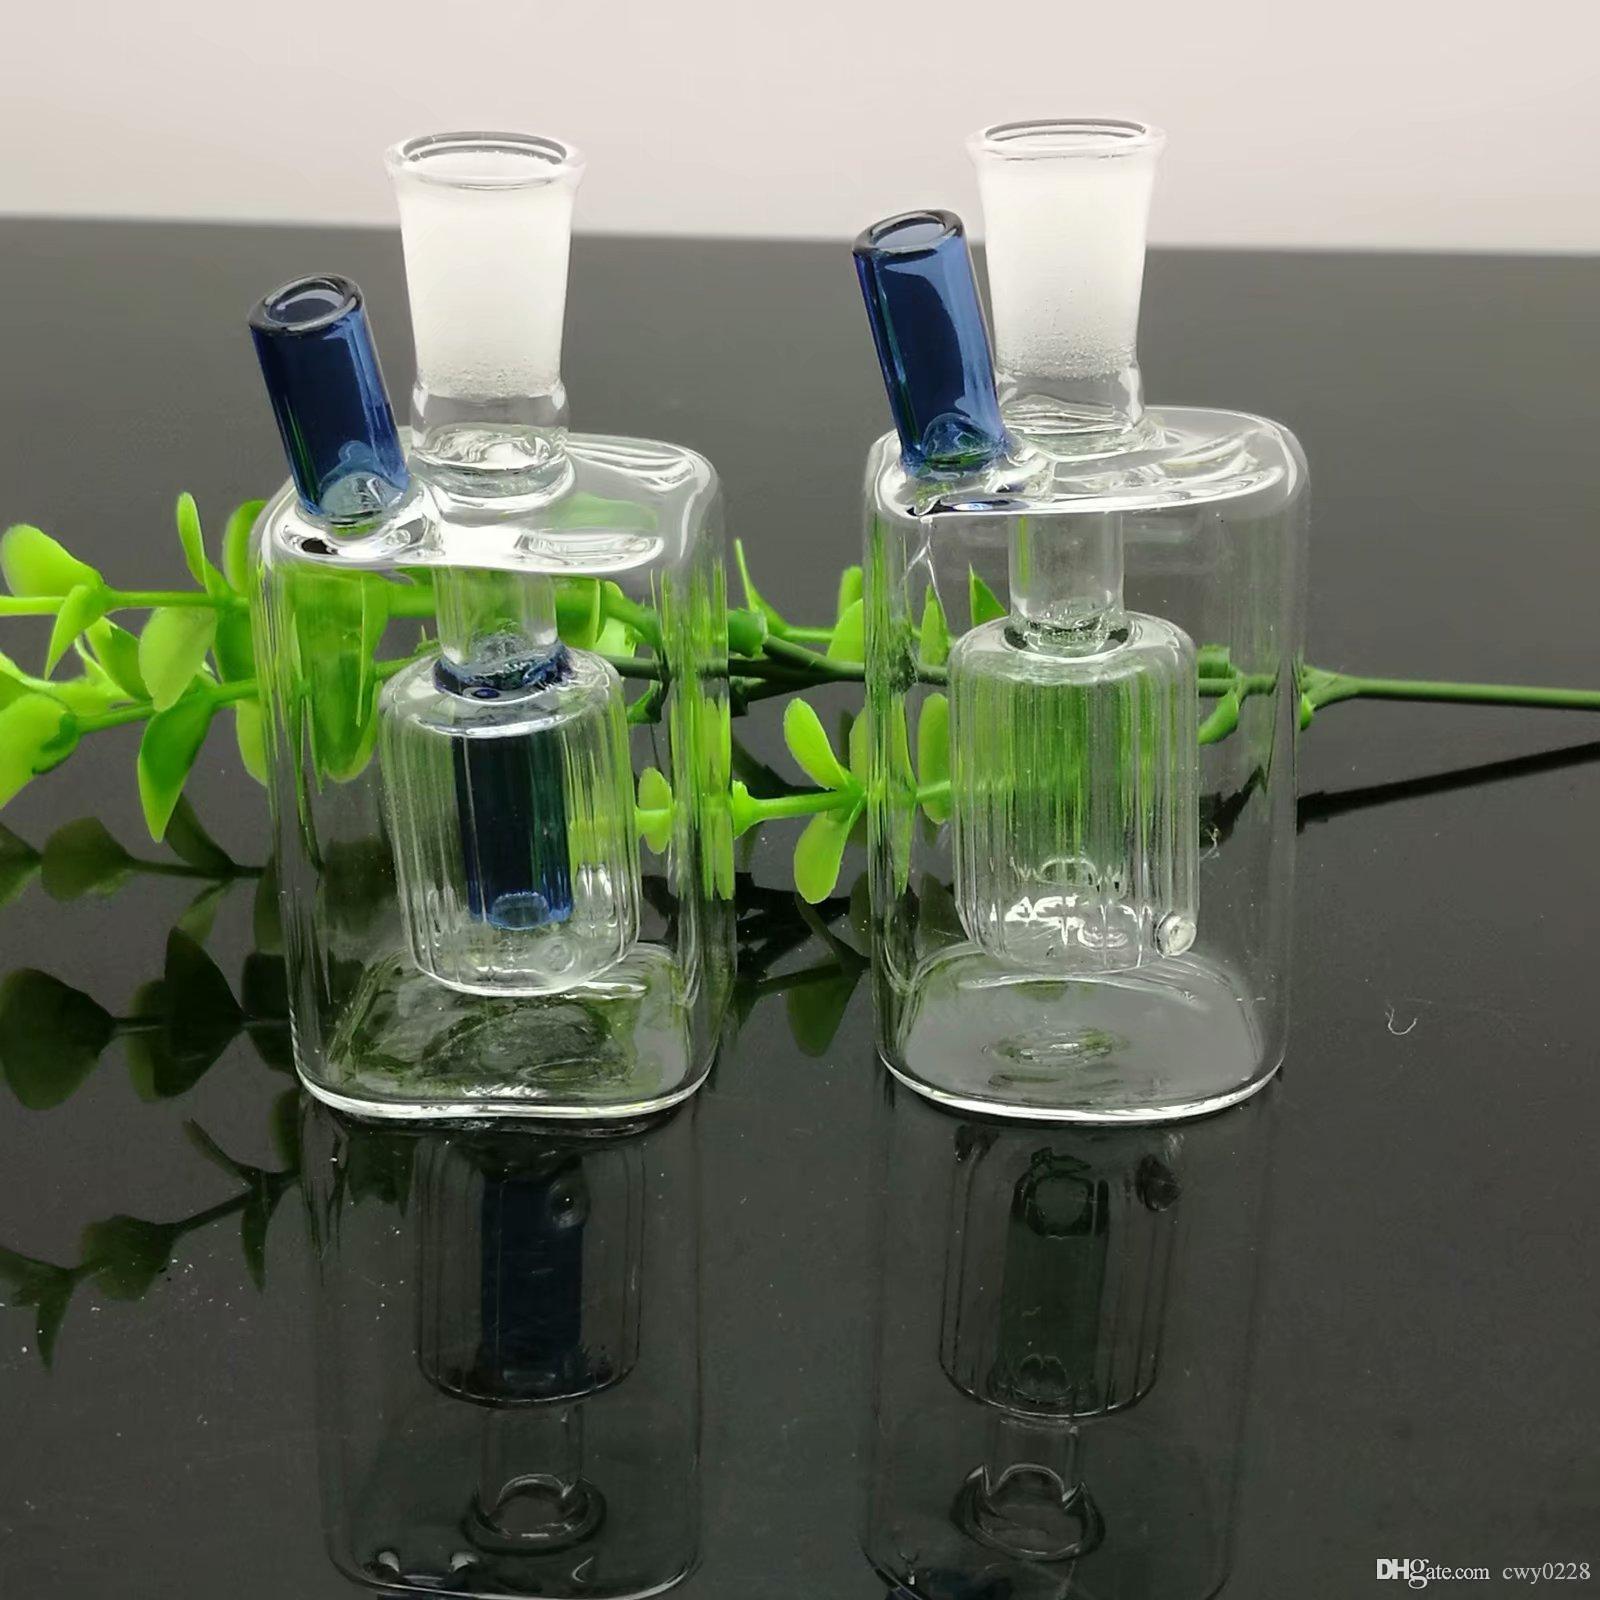 Mini chaudière carrée bangs en verre Brûleur à mazout Conduite d'eau en verre Systèmes de forage pour huile Systèmes de fumage